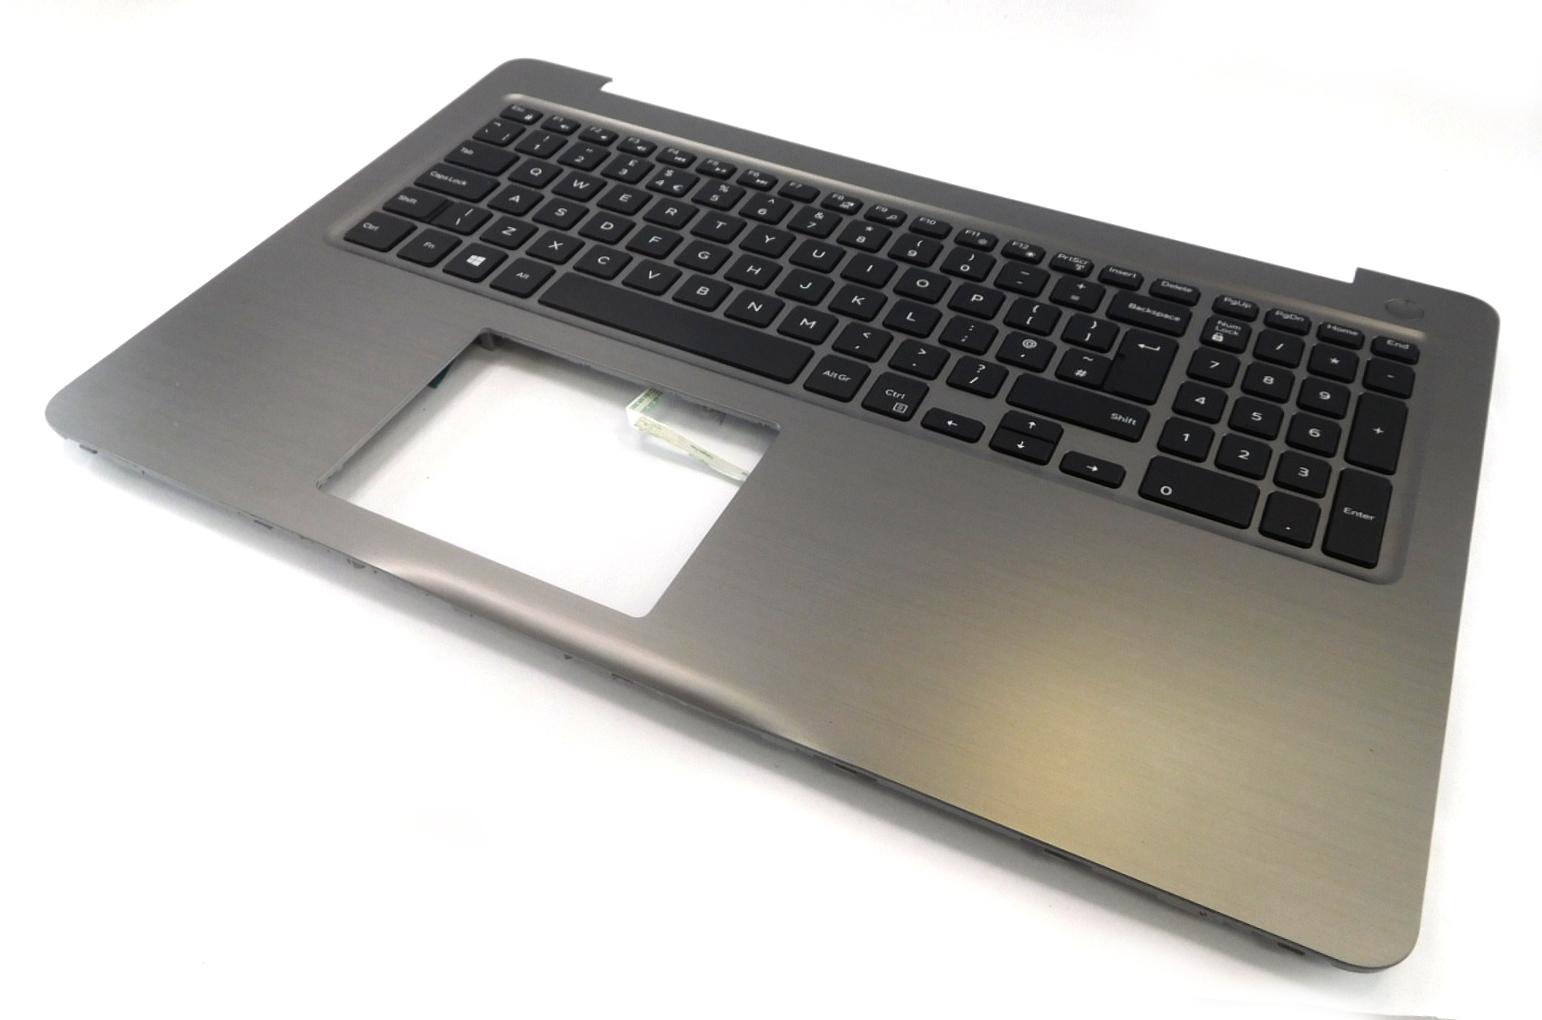 2YGKM 02YGKM Dell Inspiron 15 5567 Palmrest Assembly w/ UK Keyboard R0G9T